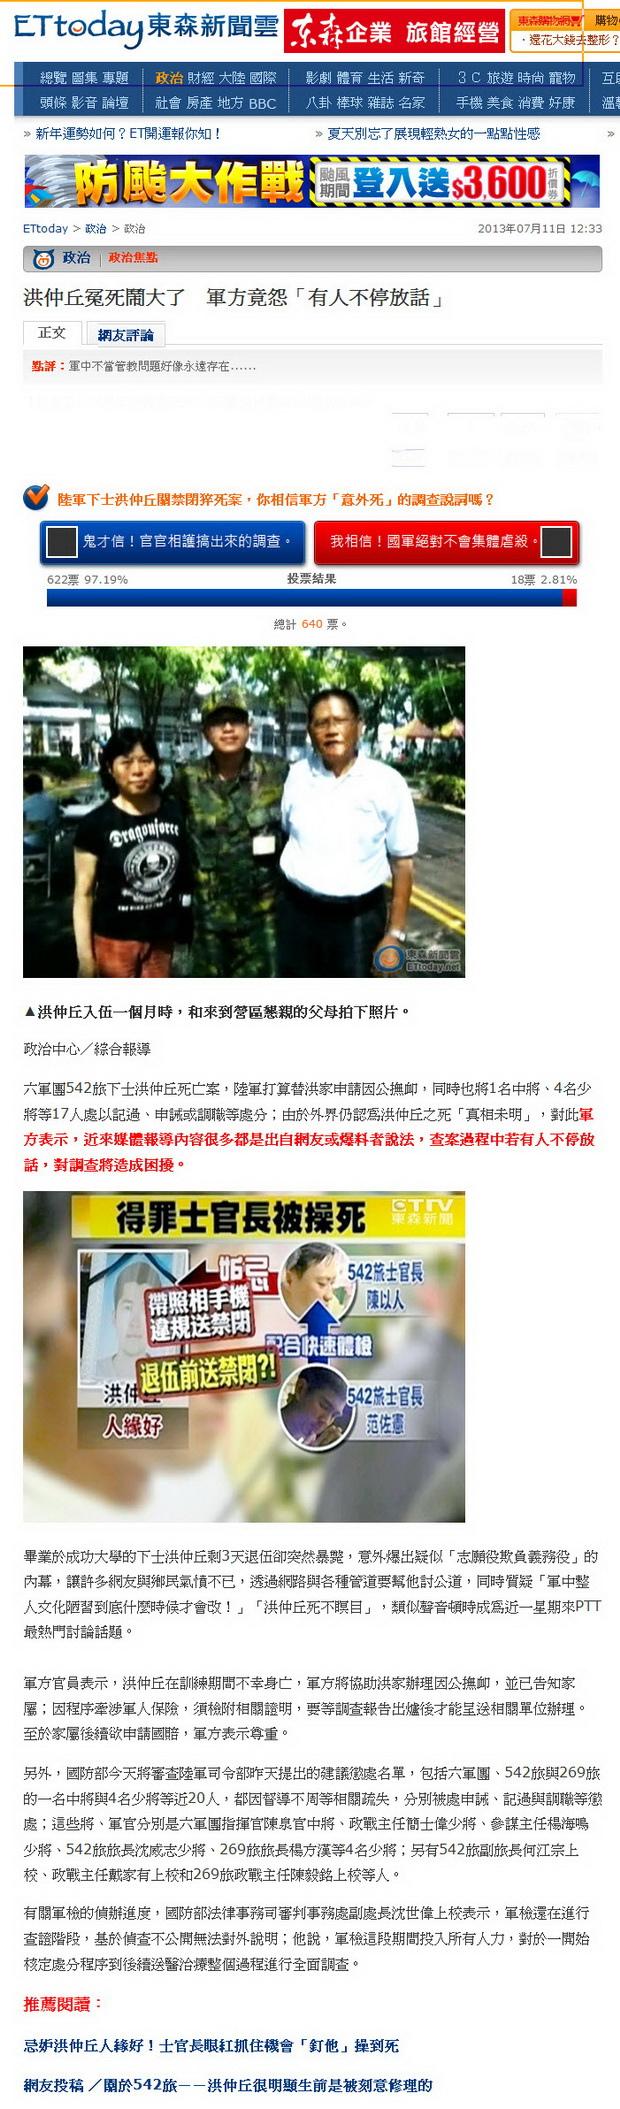 洪仲丘冤死鬧大了 軍方竟怨「有人不停放話」-2013.07.11.jpg